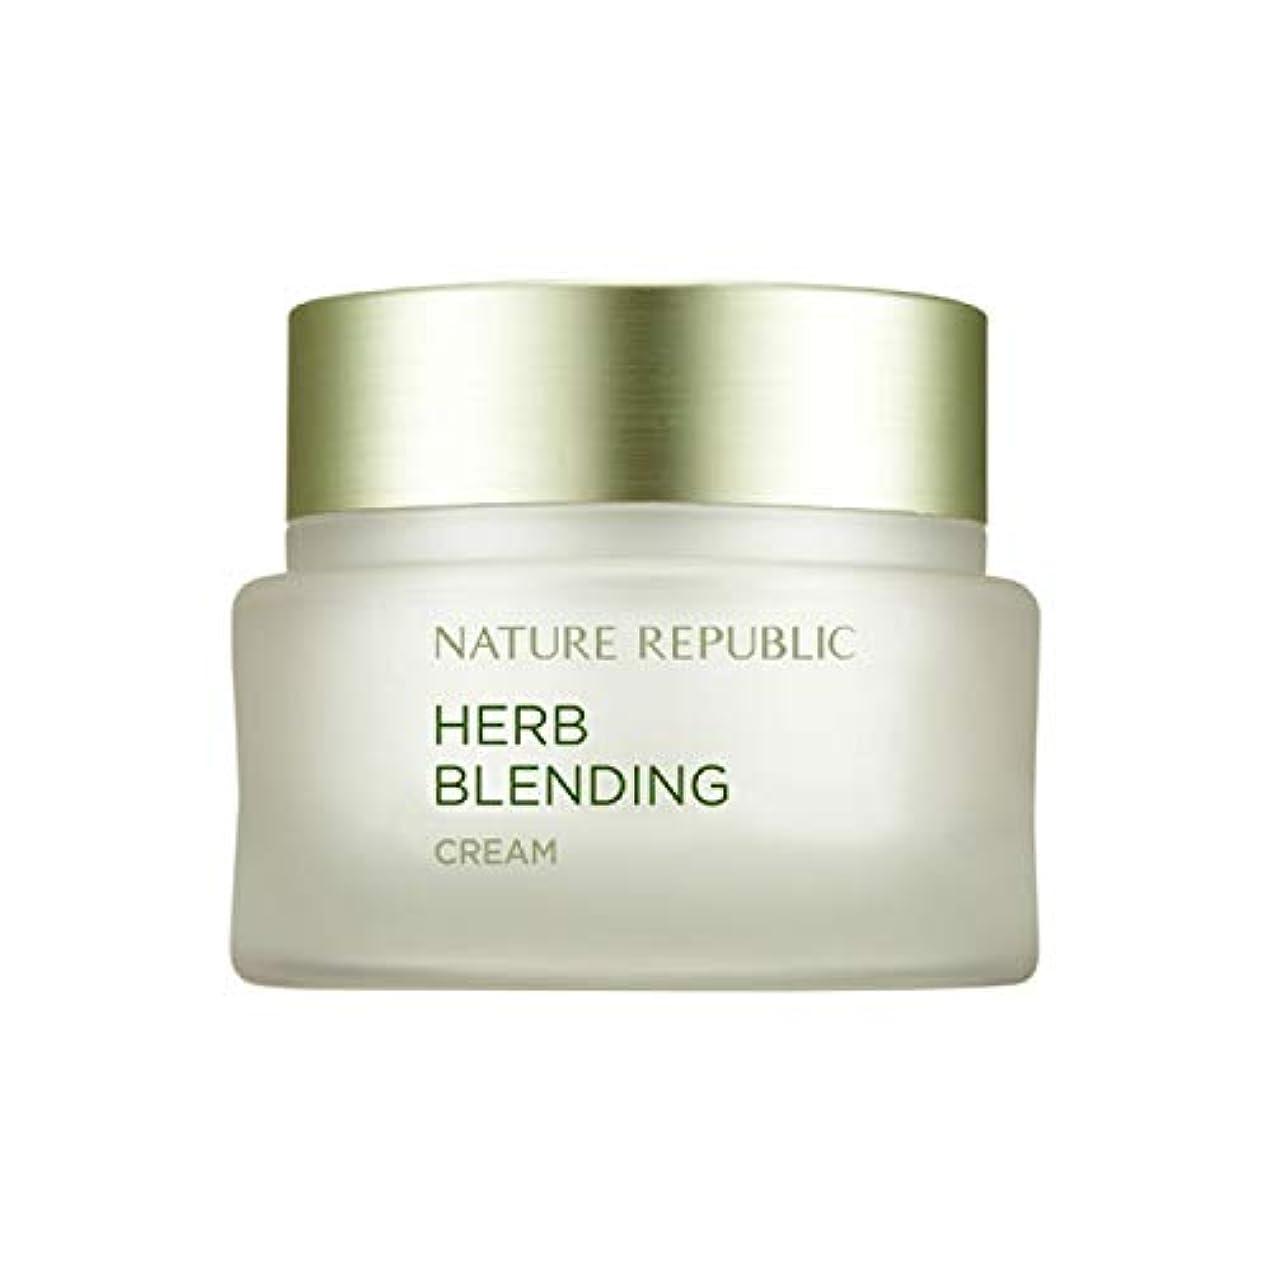 外国人プランターヒットネイチャーリパブリック(Nature Republic)ハブブレンドクリーム 50ml / Herb Blending Cream 50ml :: 韓国コスメ [並行輸入品]